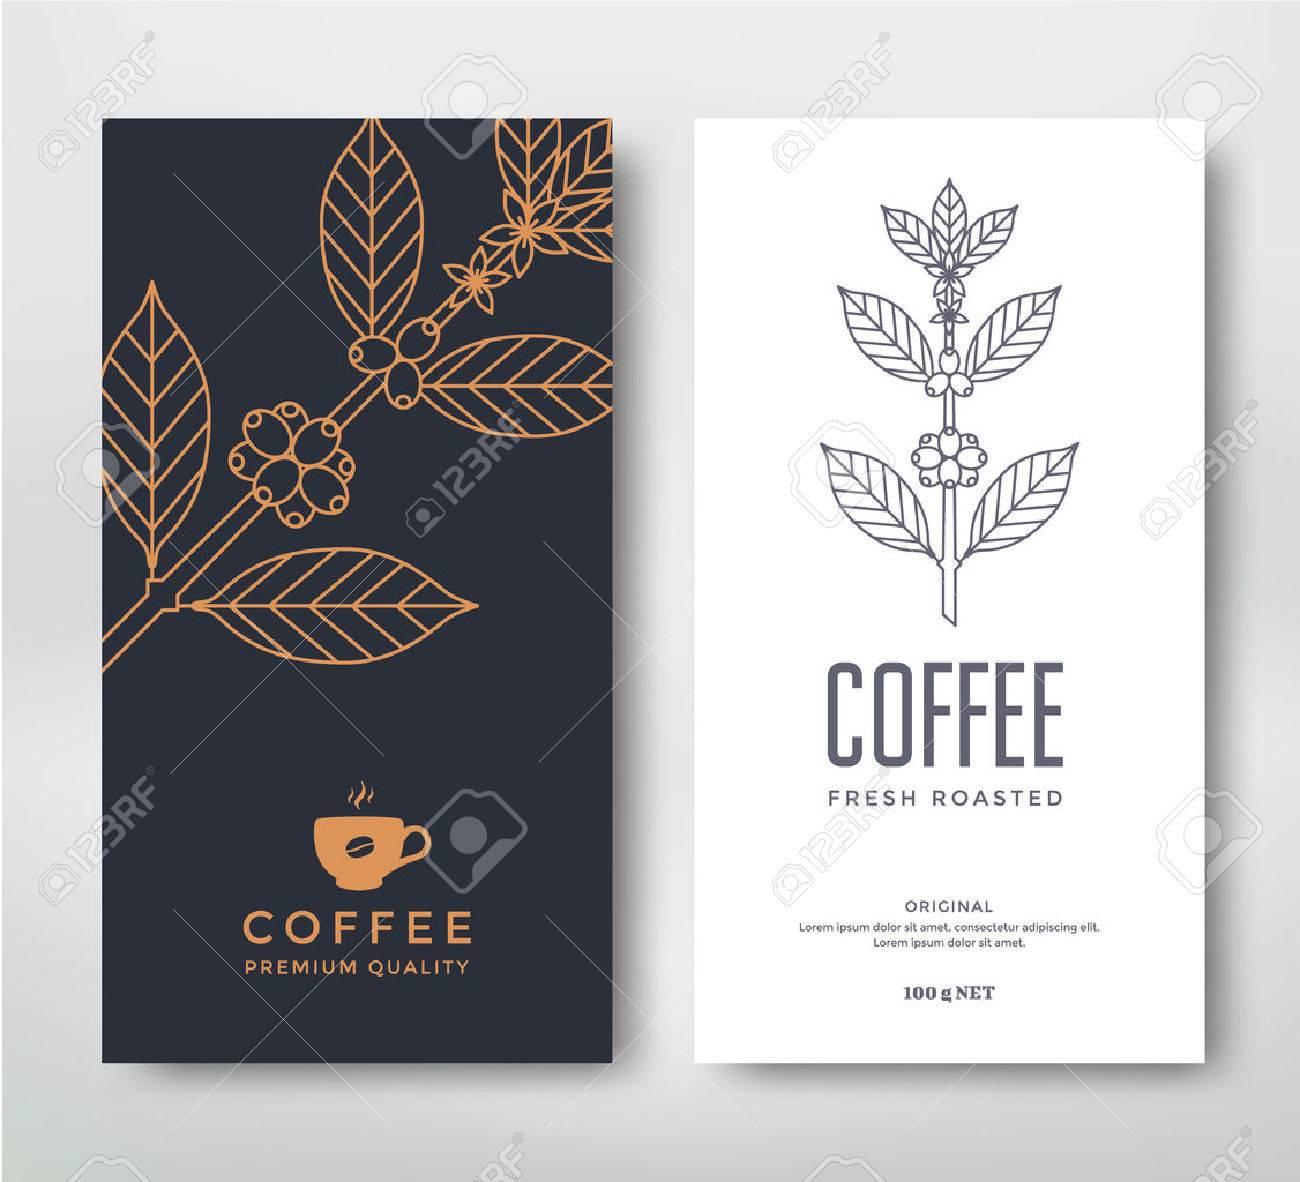 Verpackungsdesign Für Einen Kaffee. Vektor-Vorlage. Line-Stil Vektor ...